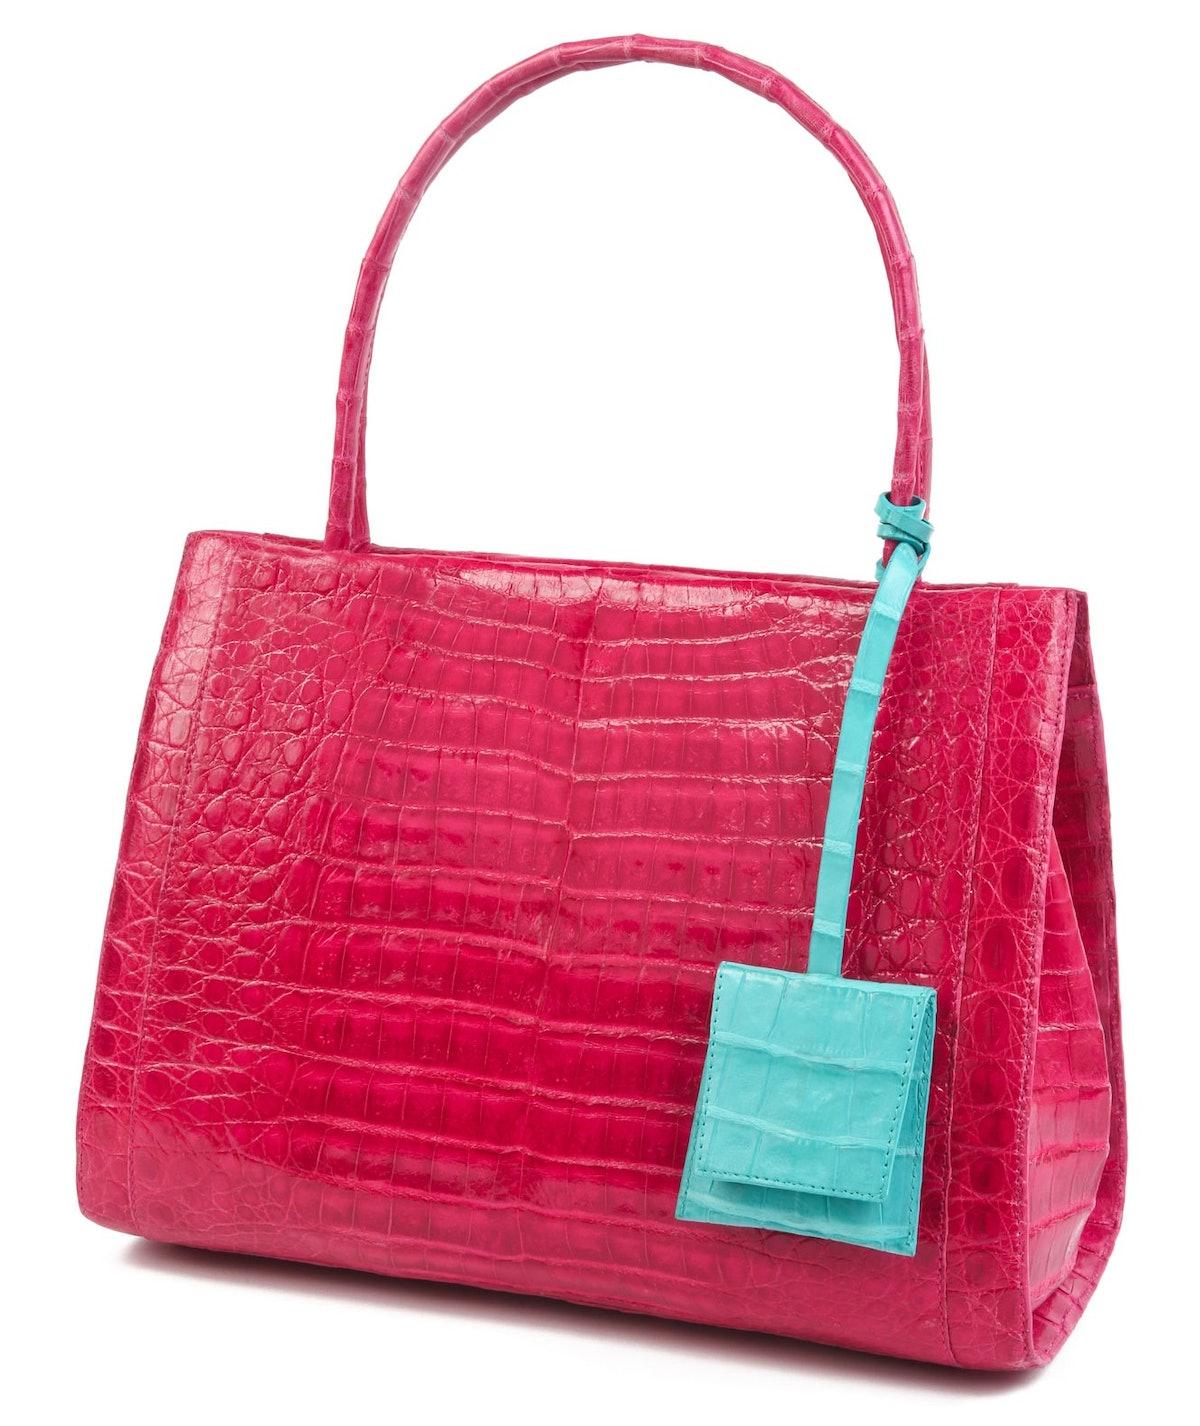 nancy gonzalez pink bag